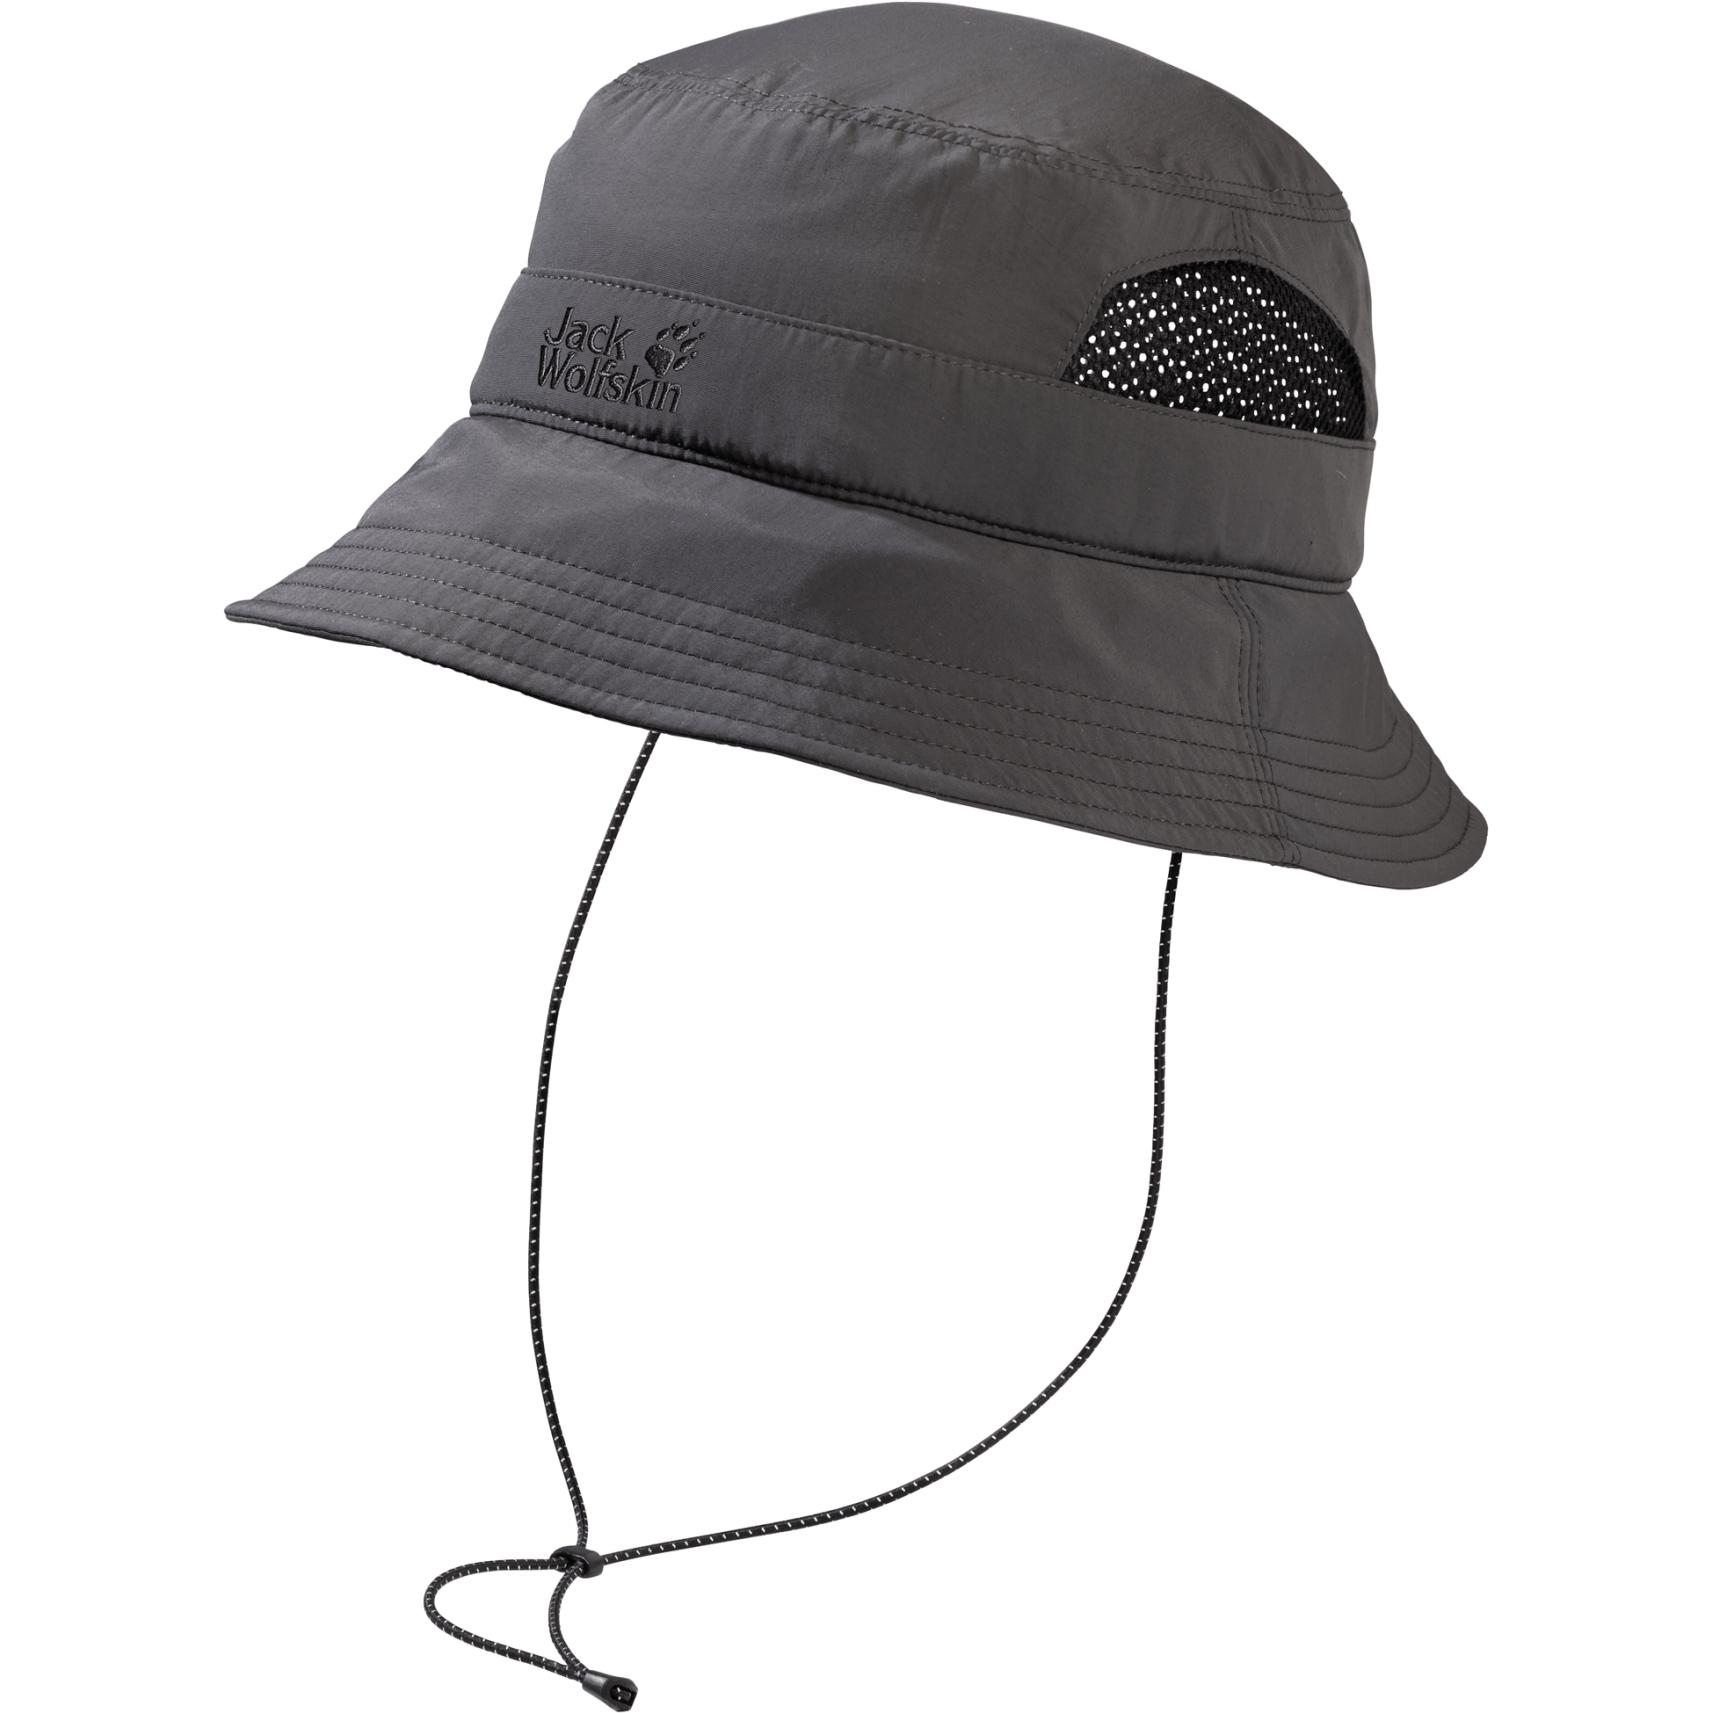 Jack Wolfskin Supplex Vent Bucket Hat Fischerhut - dark steel